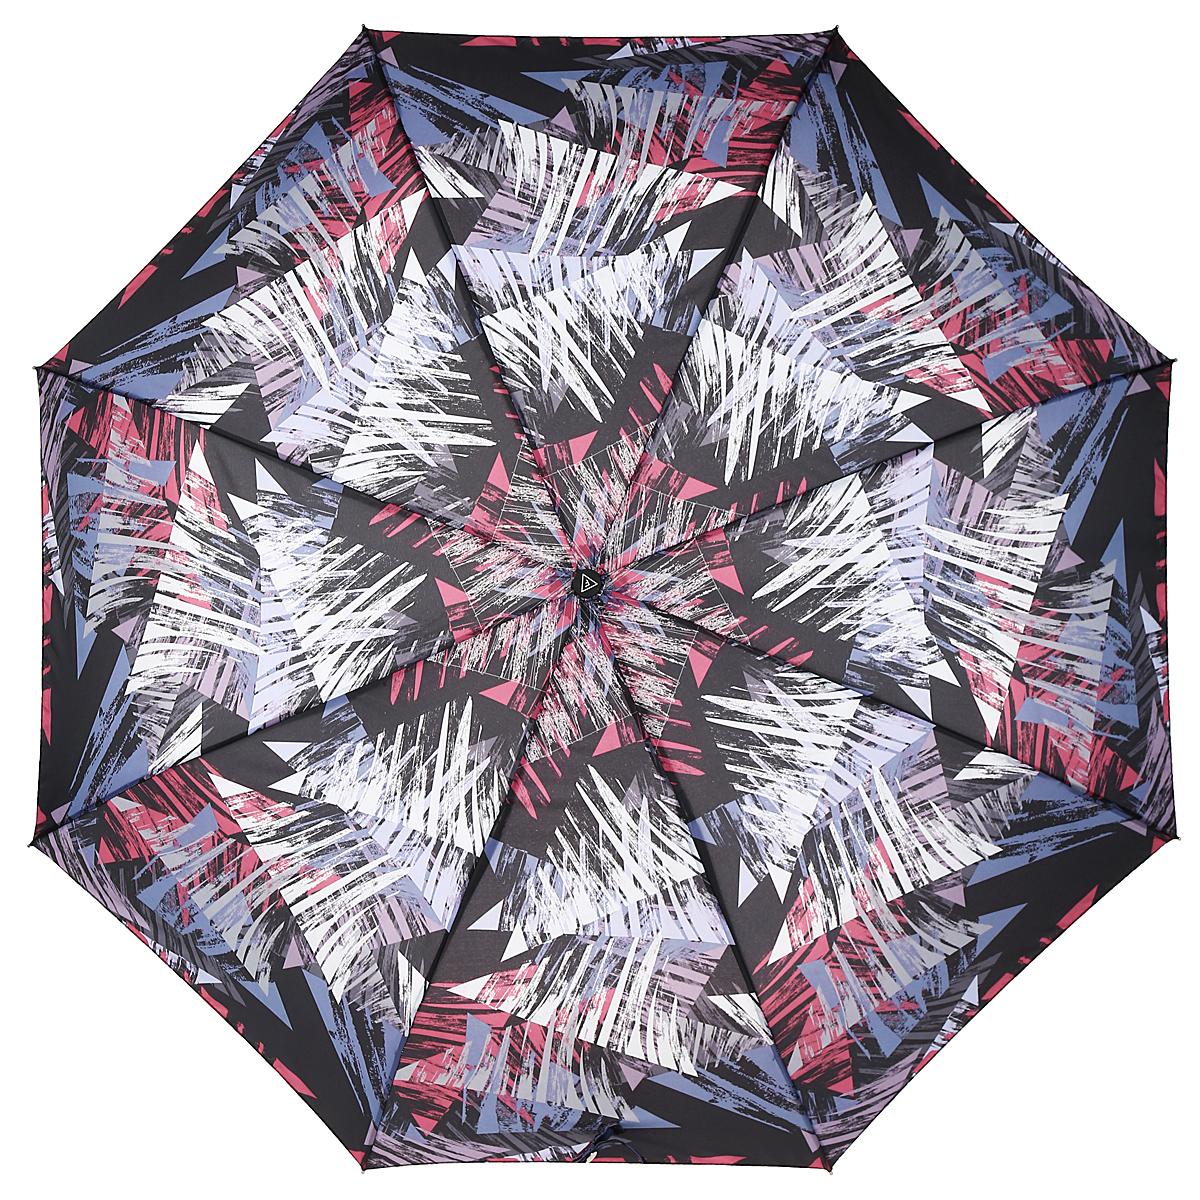 Зонт-автомат женский Fabretti, 3 сложения, цвет: черный, розовый, фиолетовый. L-15114-3Fabretti L-15114-3Автоматический зонт торговой марки Fabretti, произведенный из качественных материалов, станет стильным аксессуаром для девушек и женщин любых возрастов. Купол зонтика выполнен из полиэстера, обработанного водоотталкивающей пропиткой, и оформлен ярким орнаментом. Каркас зонта изготовлен из восьми металлических спиц, стержня и ручки с полиуретановым покрытием, разработанной с учетом эргономических требований. Зонт оснащен автоматическим механизмом в три сложения. Купол открывается и закрывается нажатием кнопки на рукоятке, благодаря чему открыть и закрыть зонт можно одной рукой, что очень удобно при входе в транспорт или помещение, стержень складывается вручную до характерного щелчка. Рукоятка зонта для удобства оснащена шнурком, позволяющим при необходимости надеть зонт на руку. Благодаря компактным размерам зонта в сложенном виде, можно без труда поместить его в сумочку. Зонт поставляется в чехле. Женский зонт Fabretti не только выручит вас в...